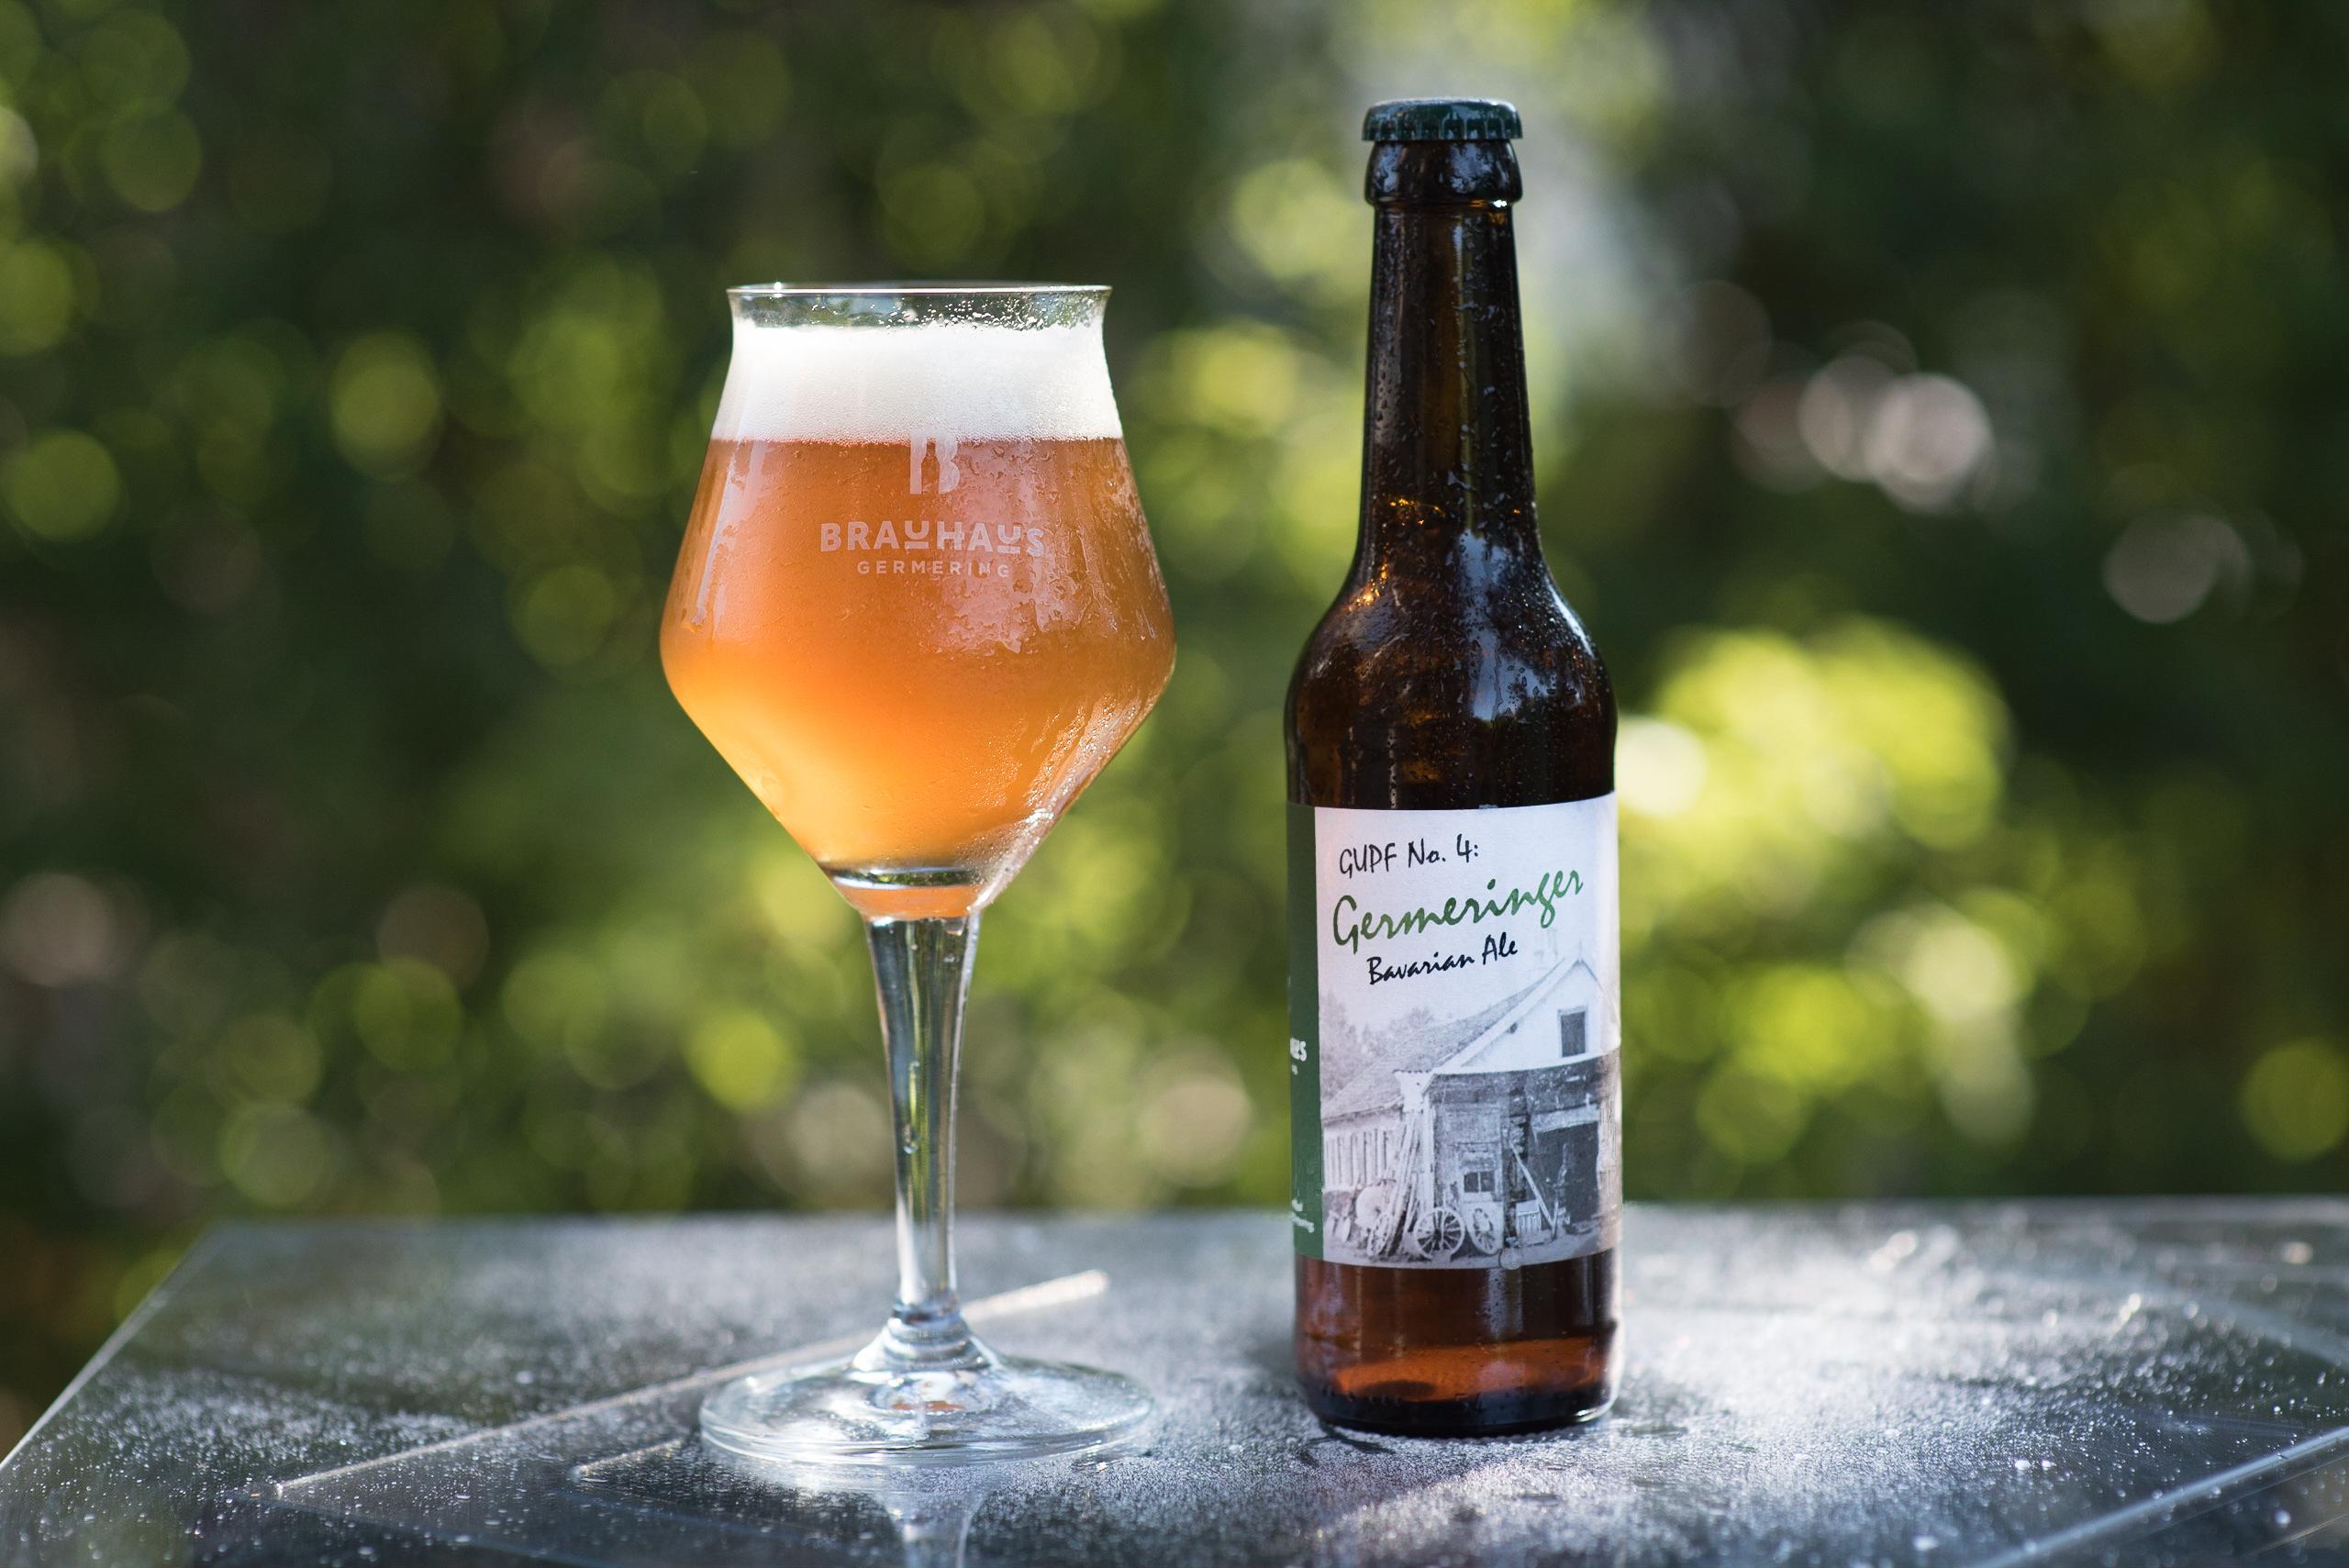 Germeringer - Bavarian Pale Ale